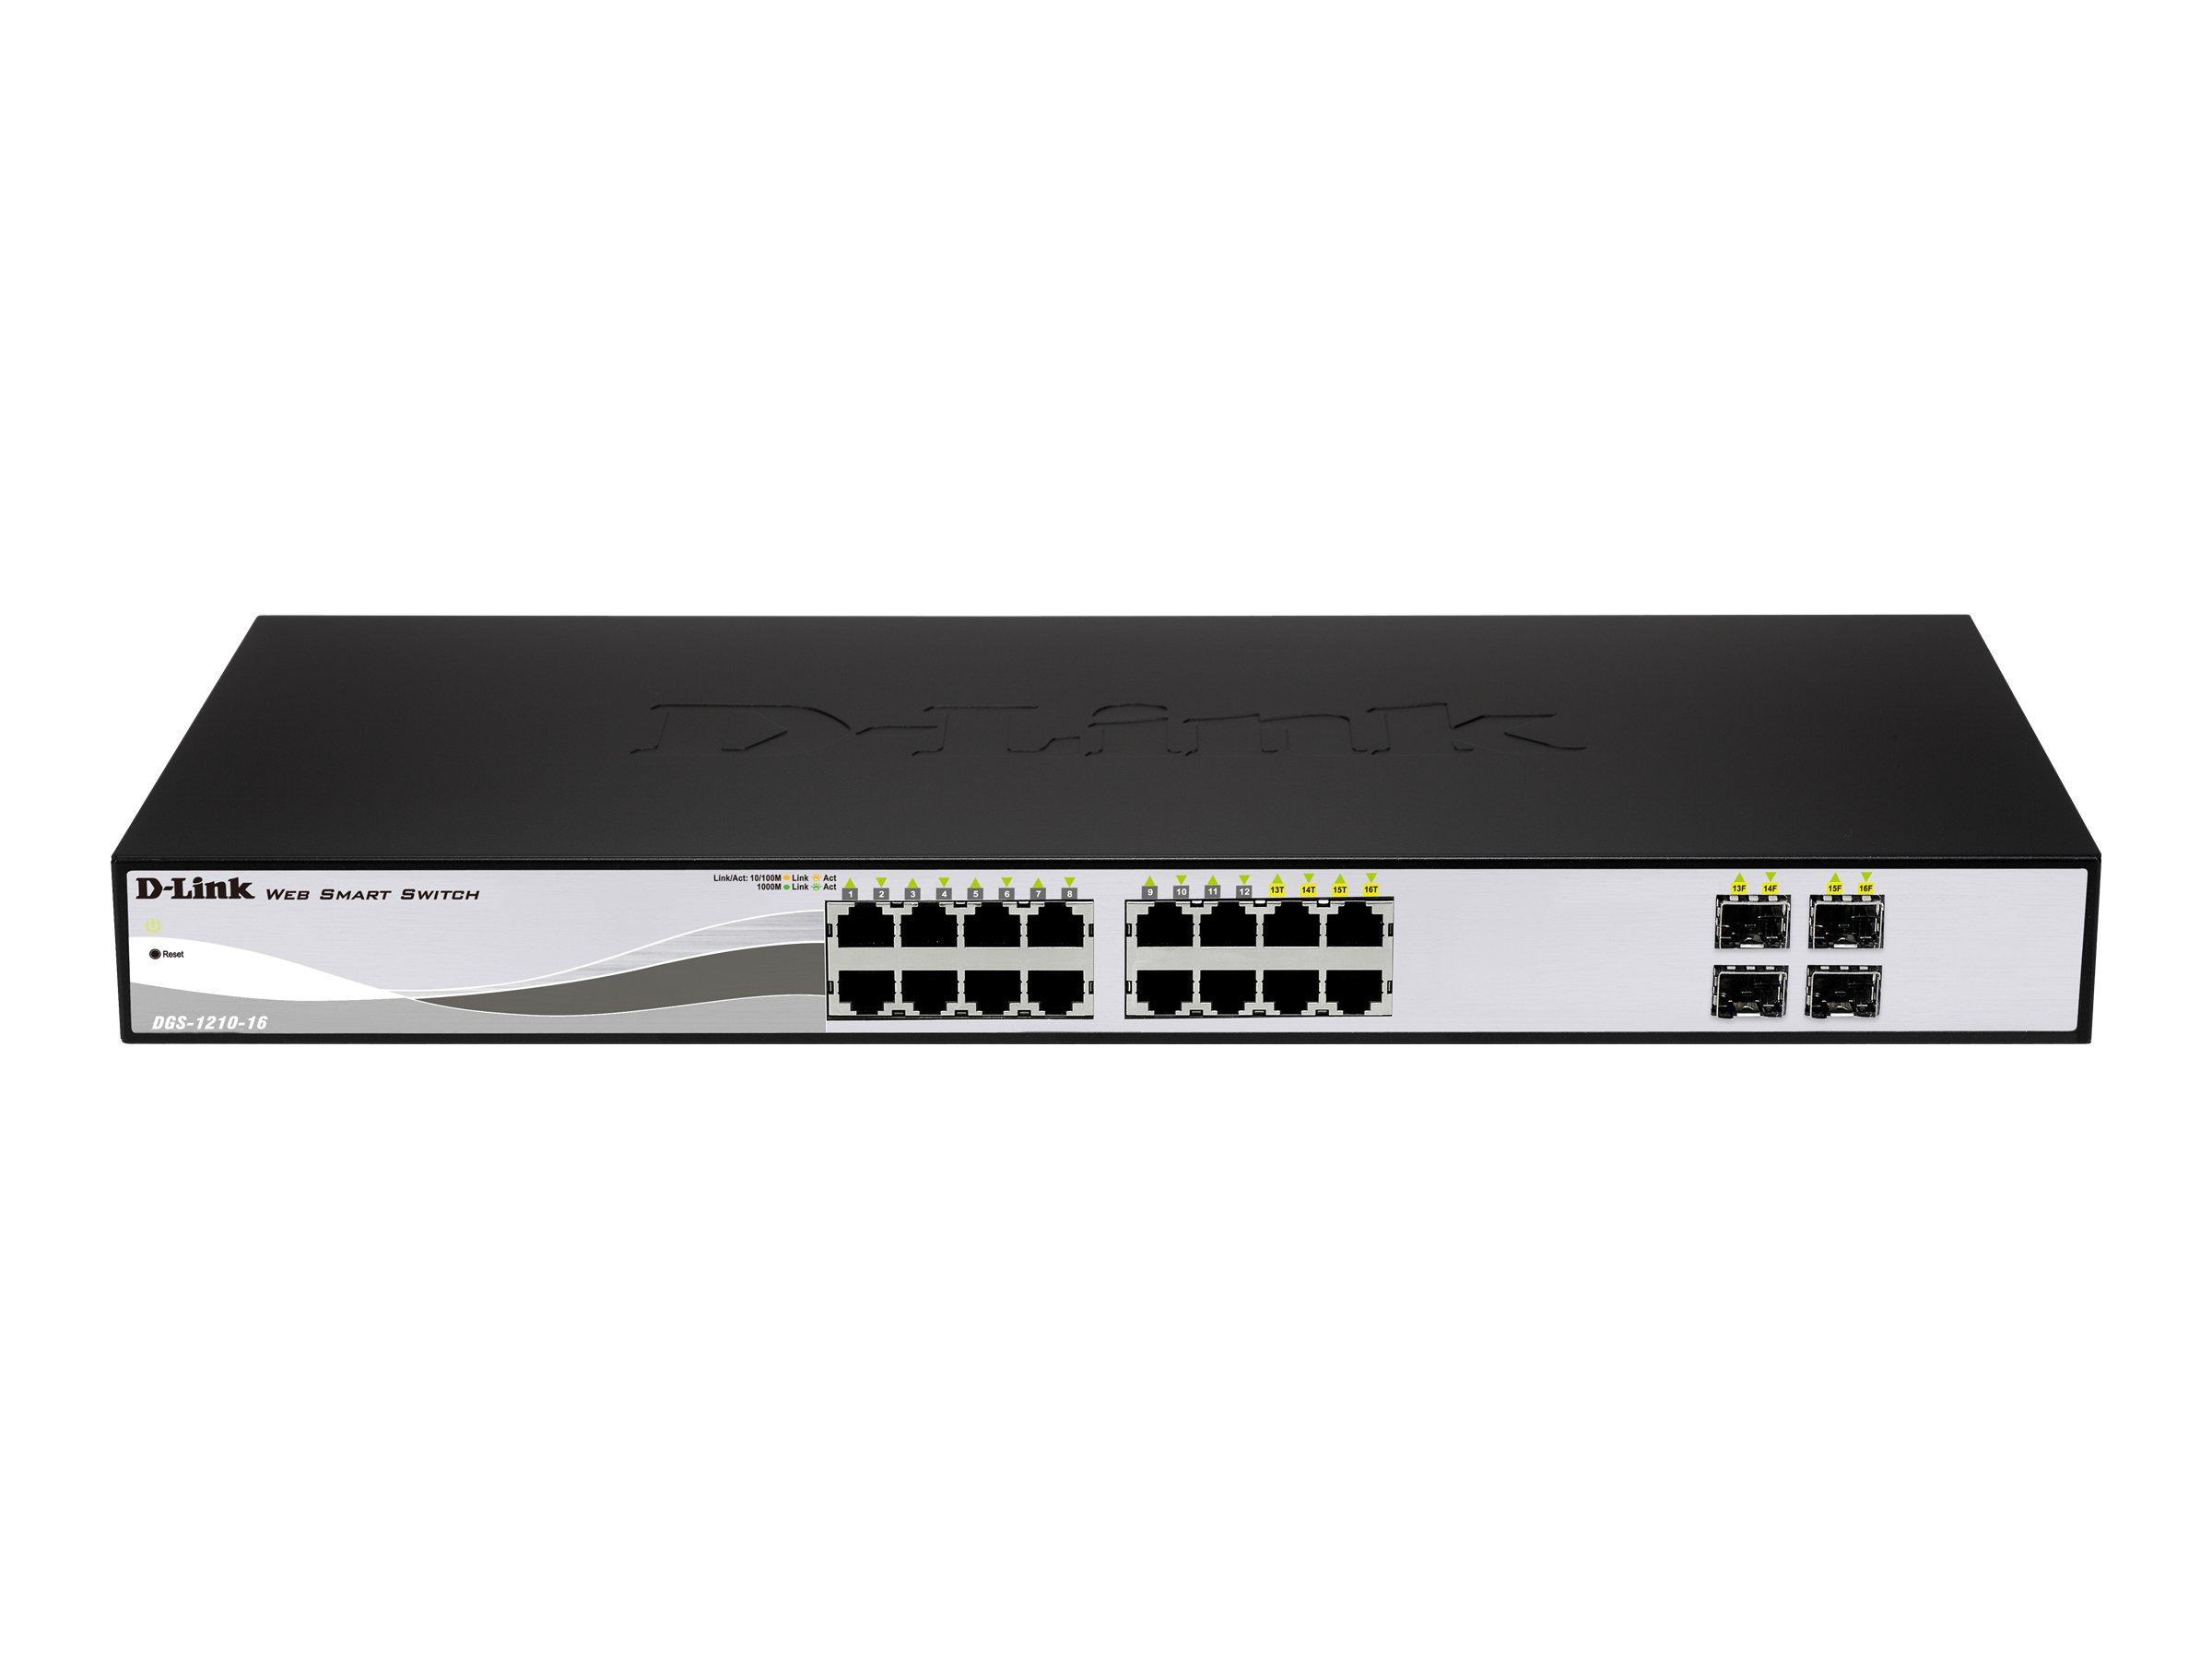 D-Link Web Smart DGS-1210-16 - Switch - managed - 16 x 10/100/1000 + 4 x Shared SFP - Desktop